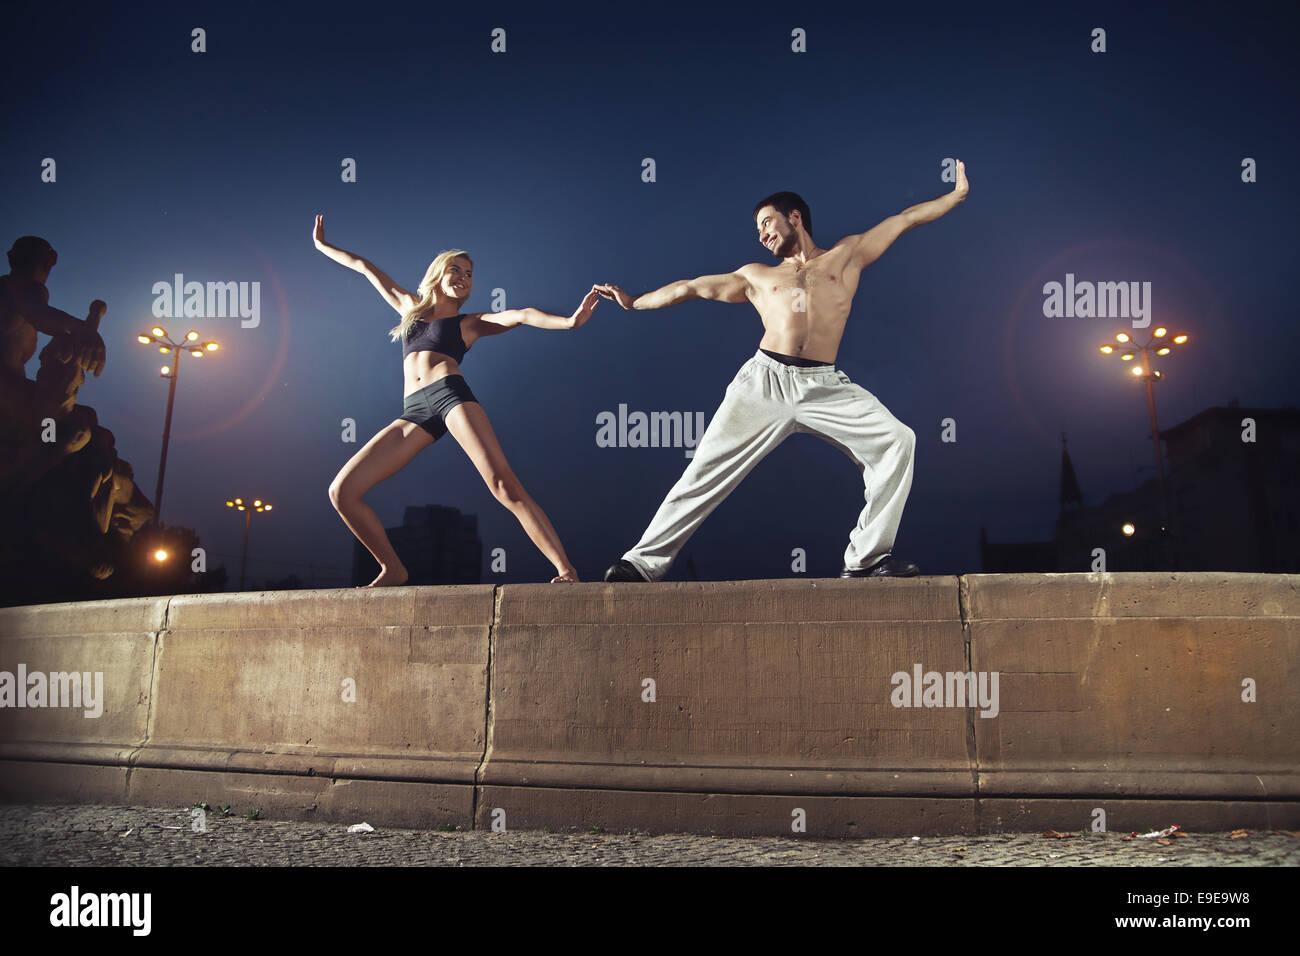 Zwei fröhliche Sportler üben in der Nacht Stockbild